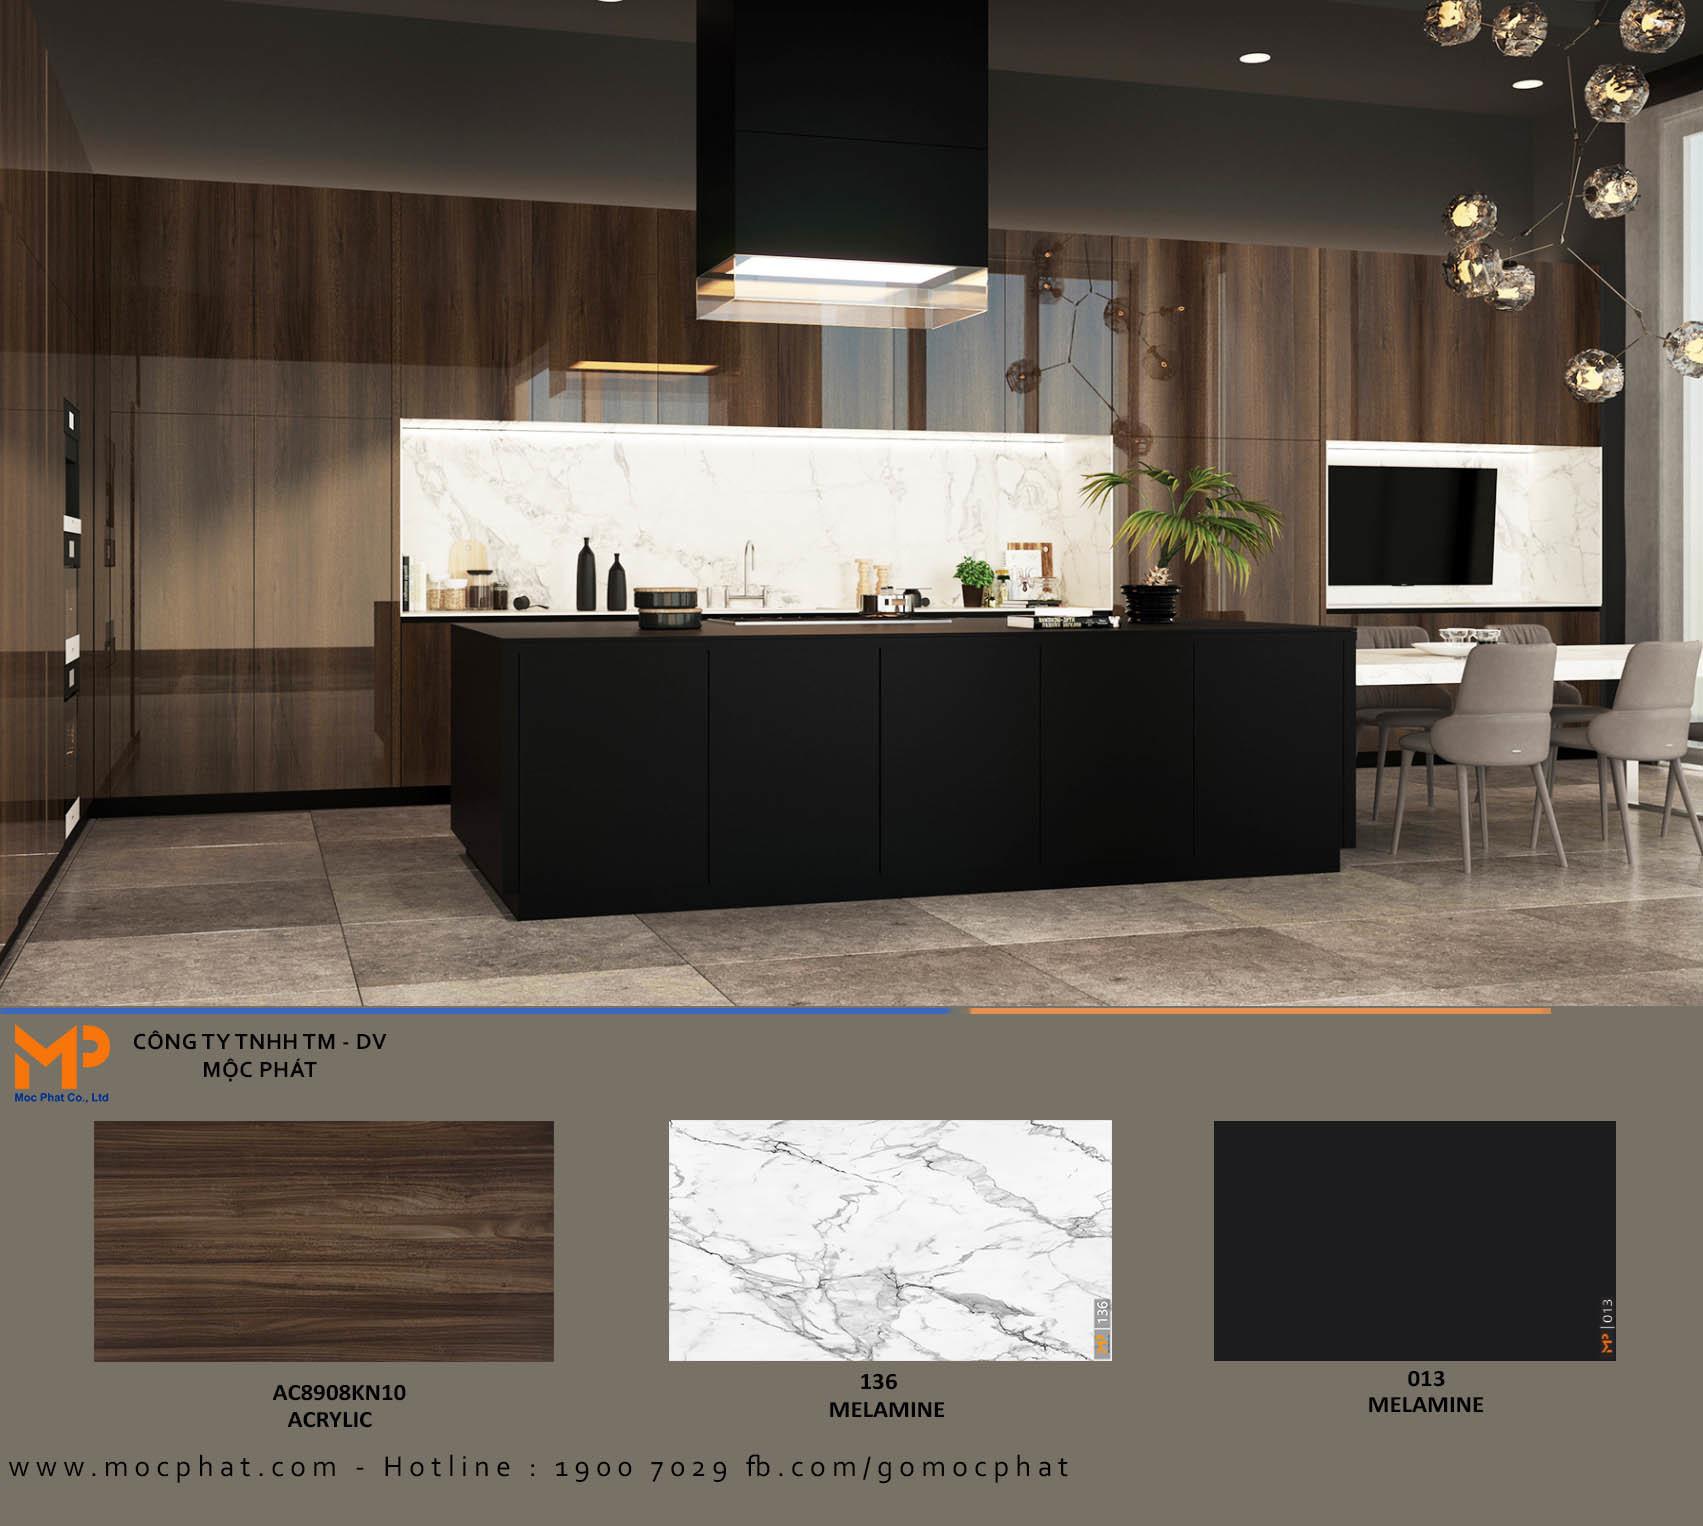 Ứng dụng Acrylic vân gỗ vào gian bếp: Sự lựa chọn không thể hoàn hảo hơn